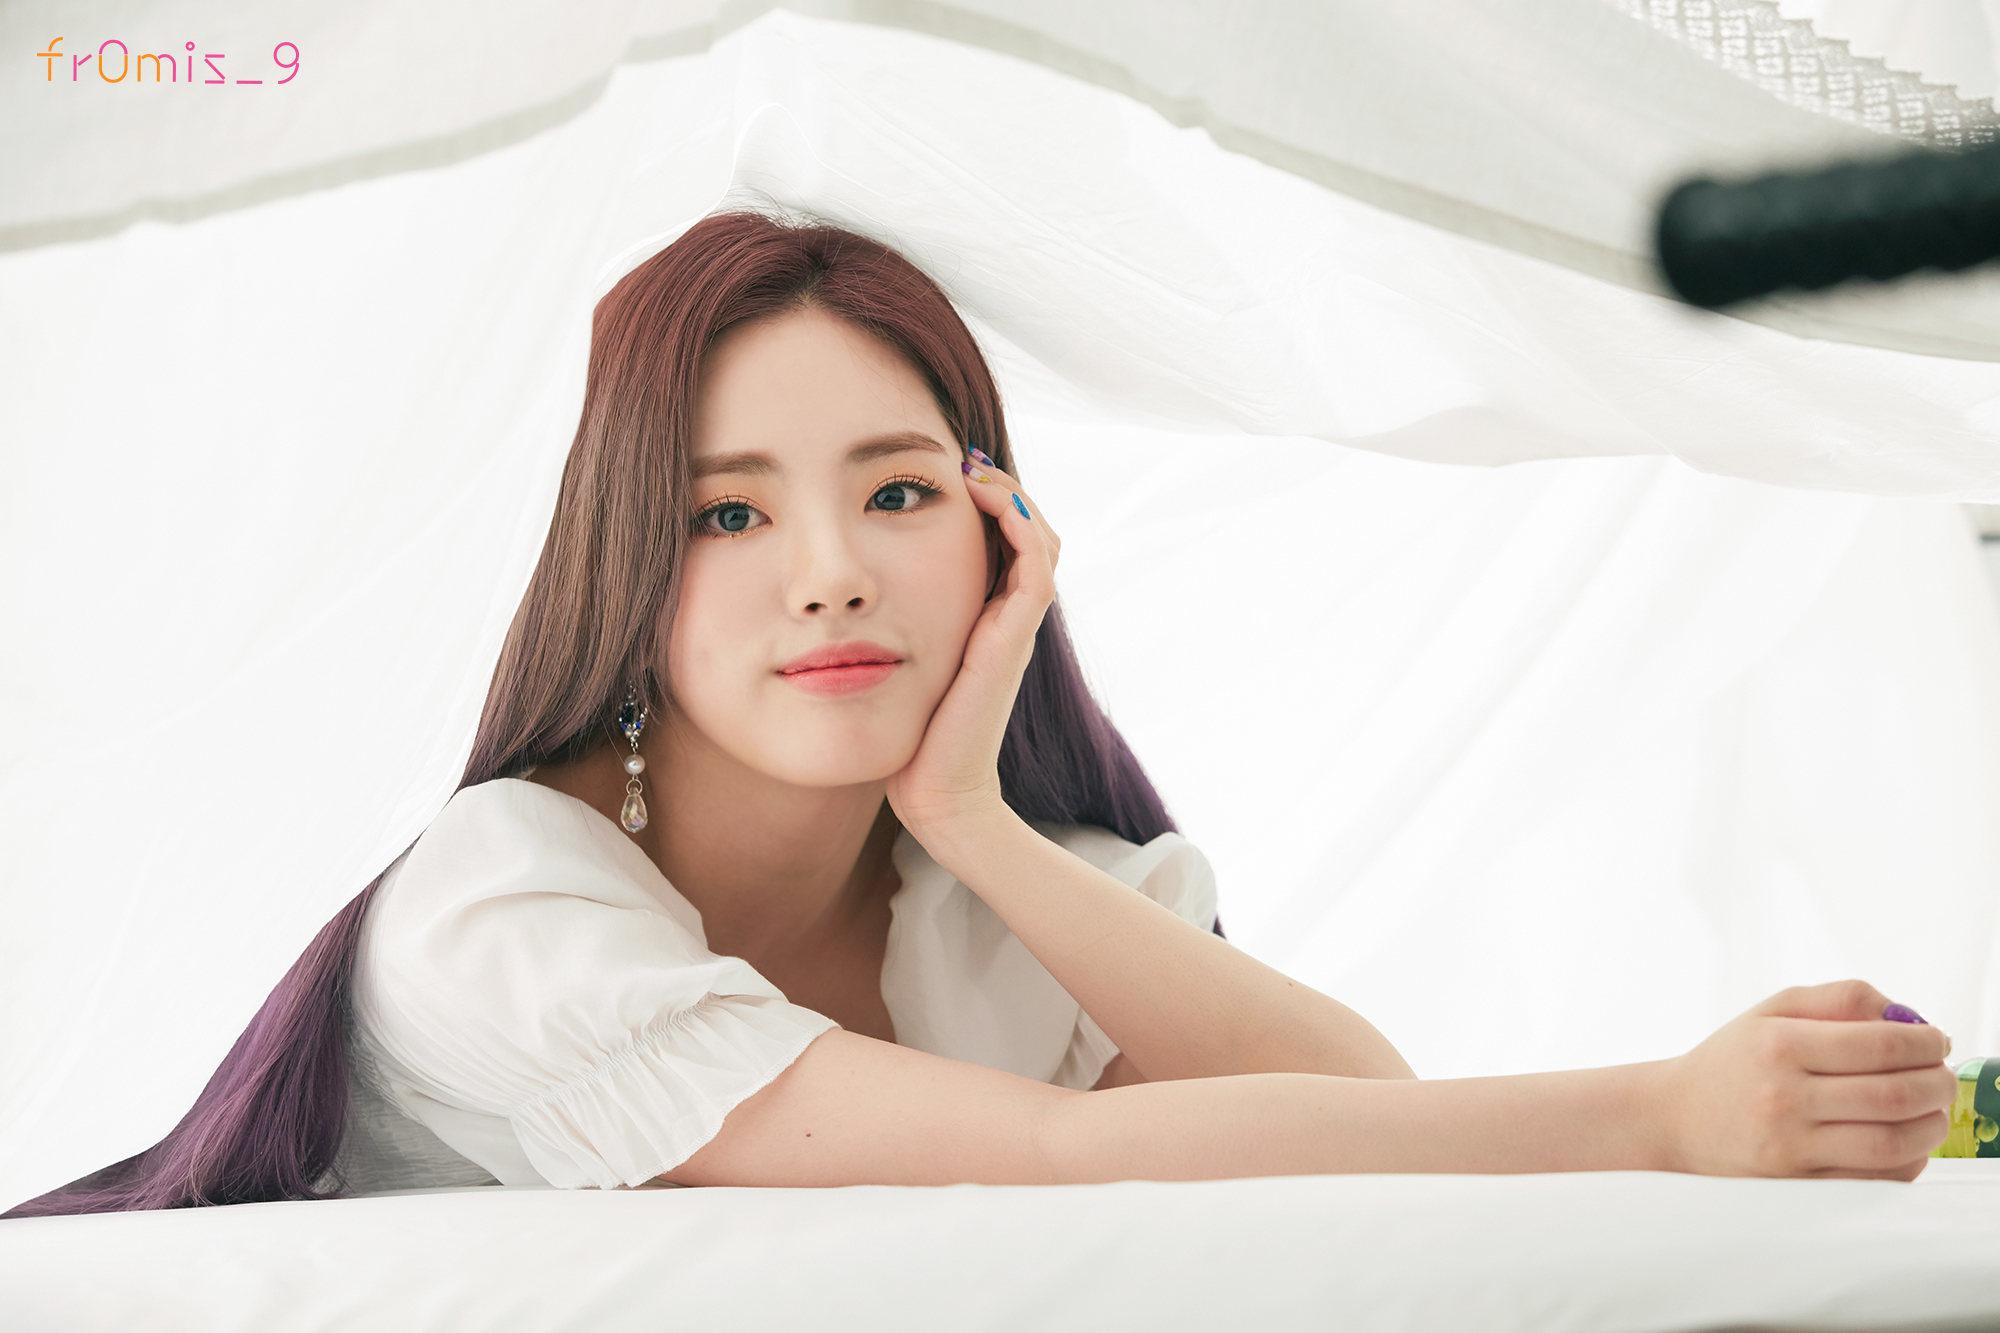 fromis_9 Jiwon Fun